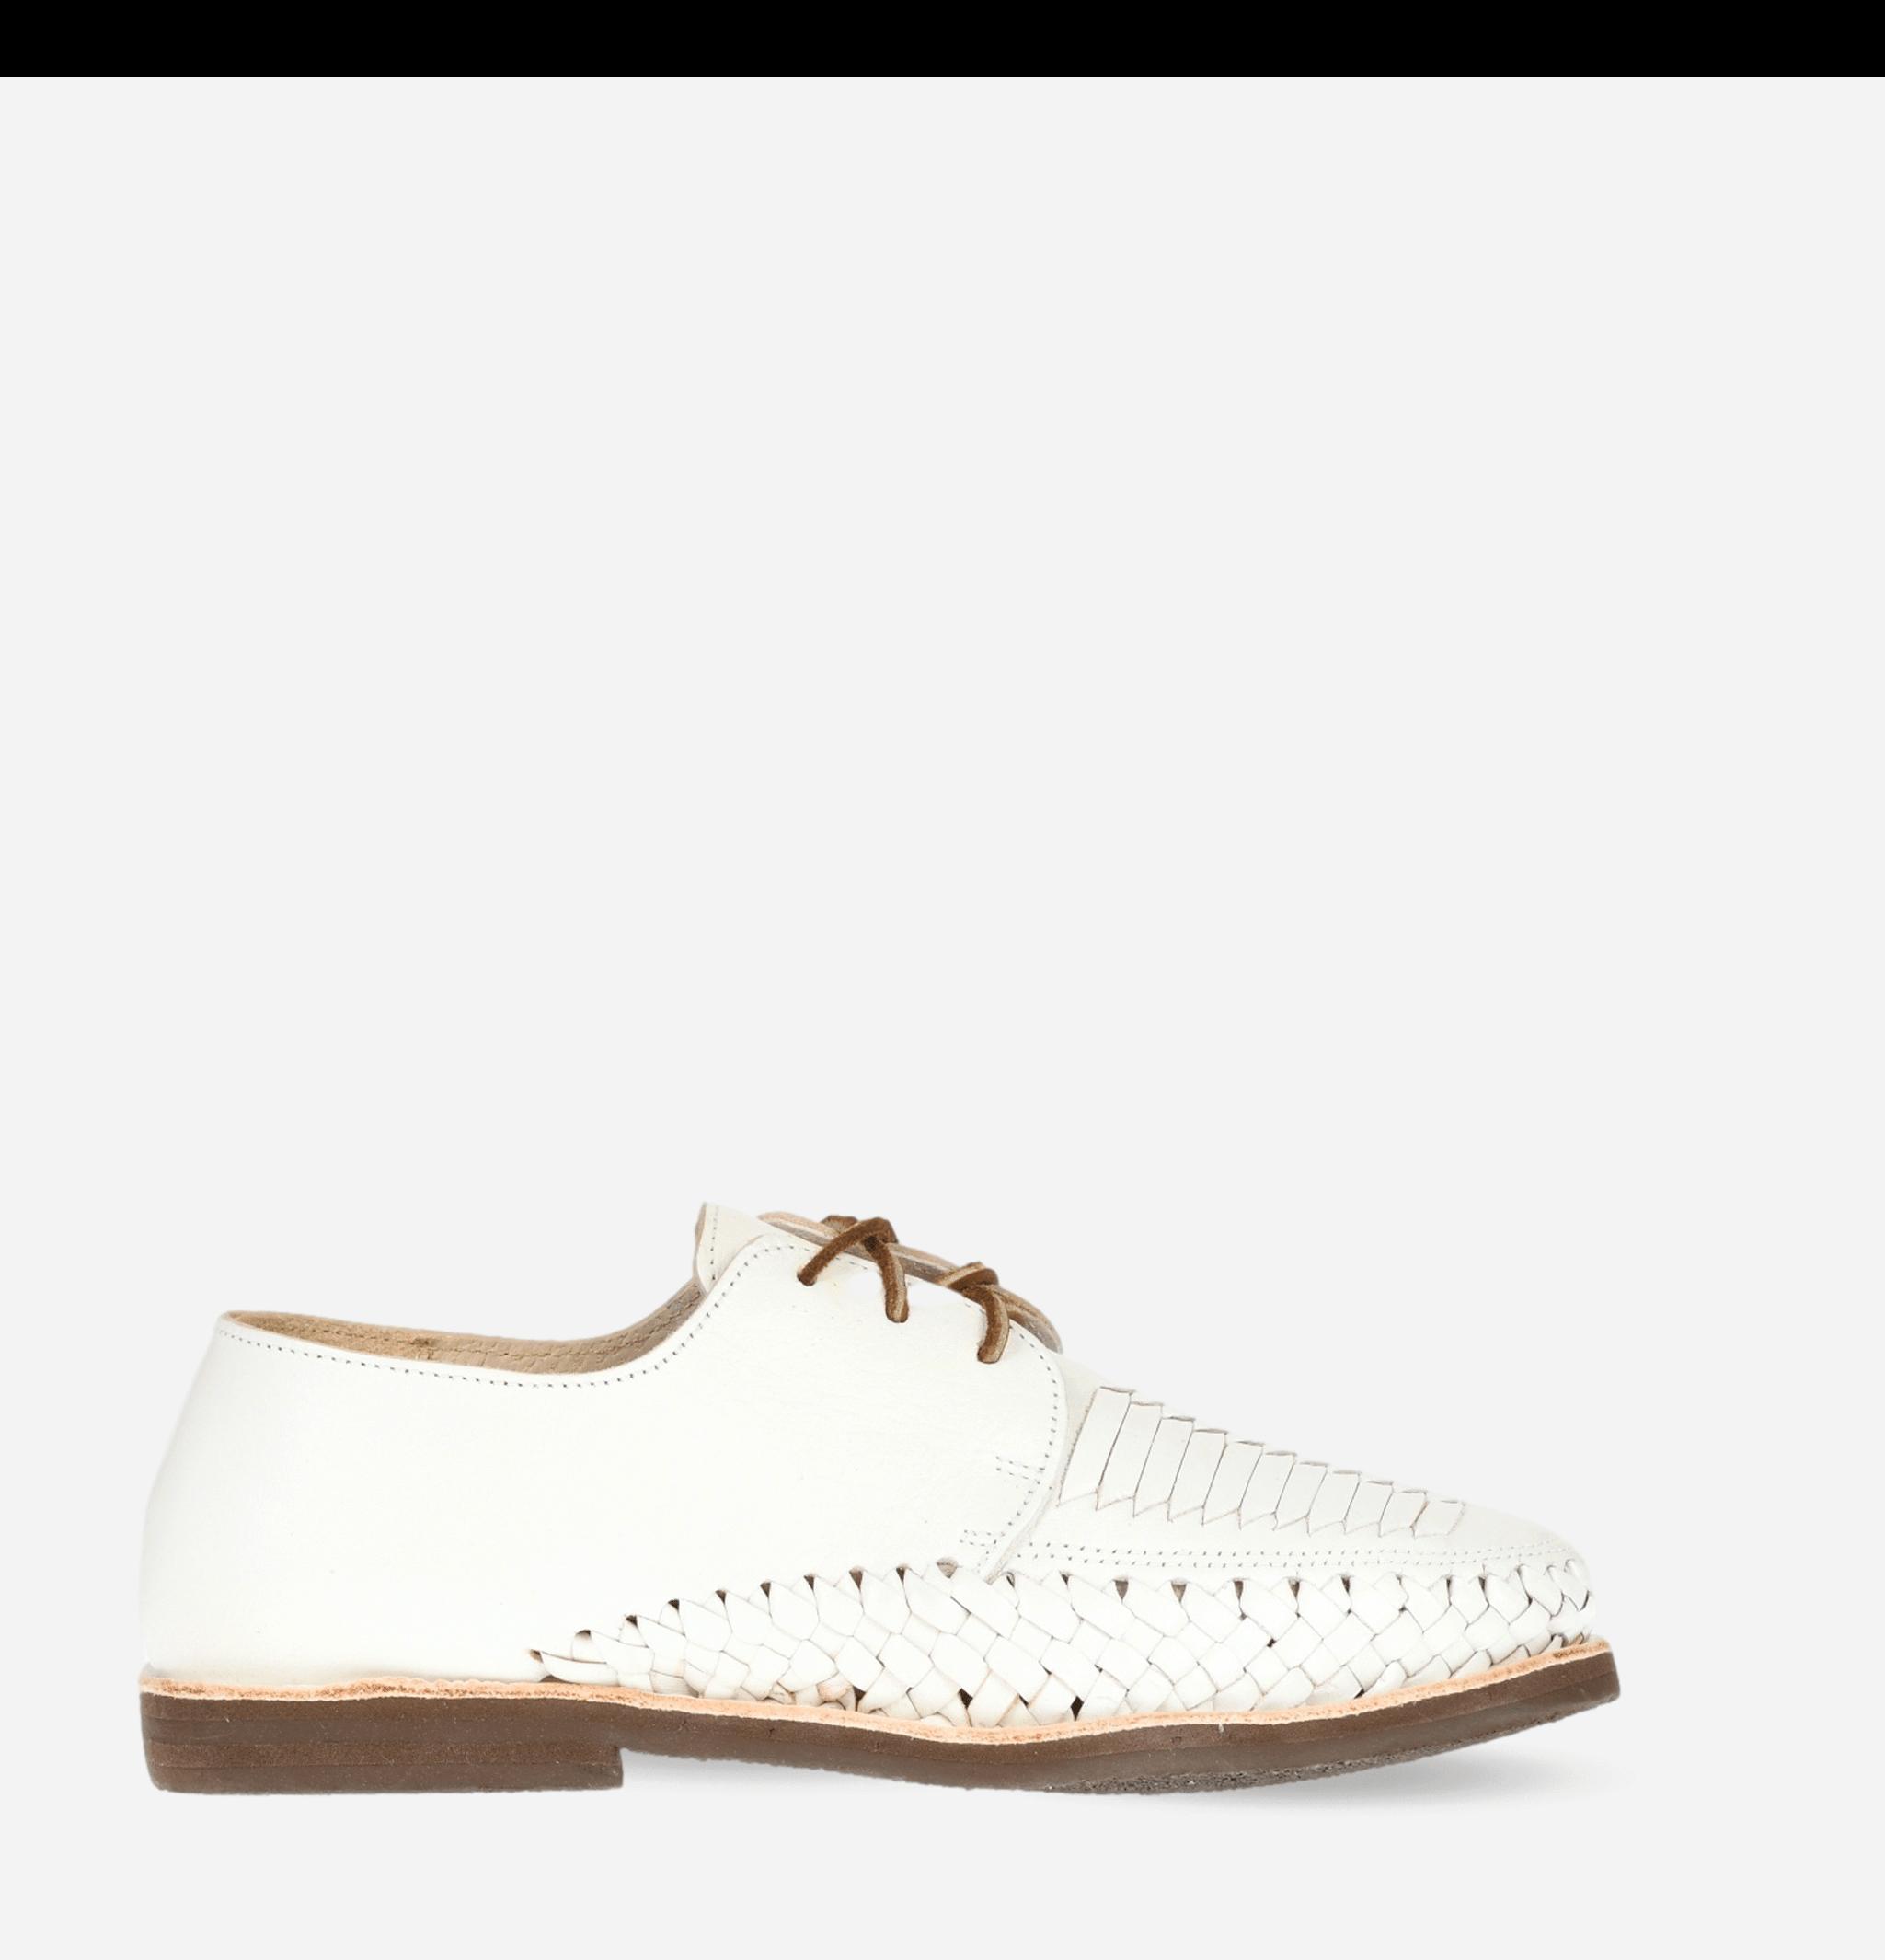 Chaussures Veracruz White